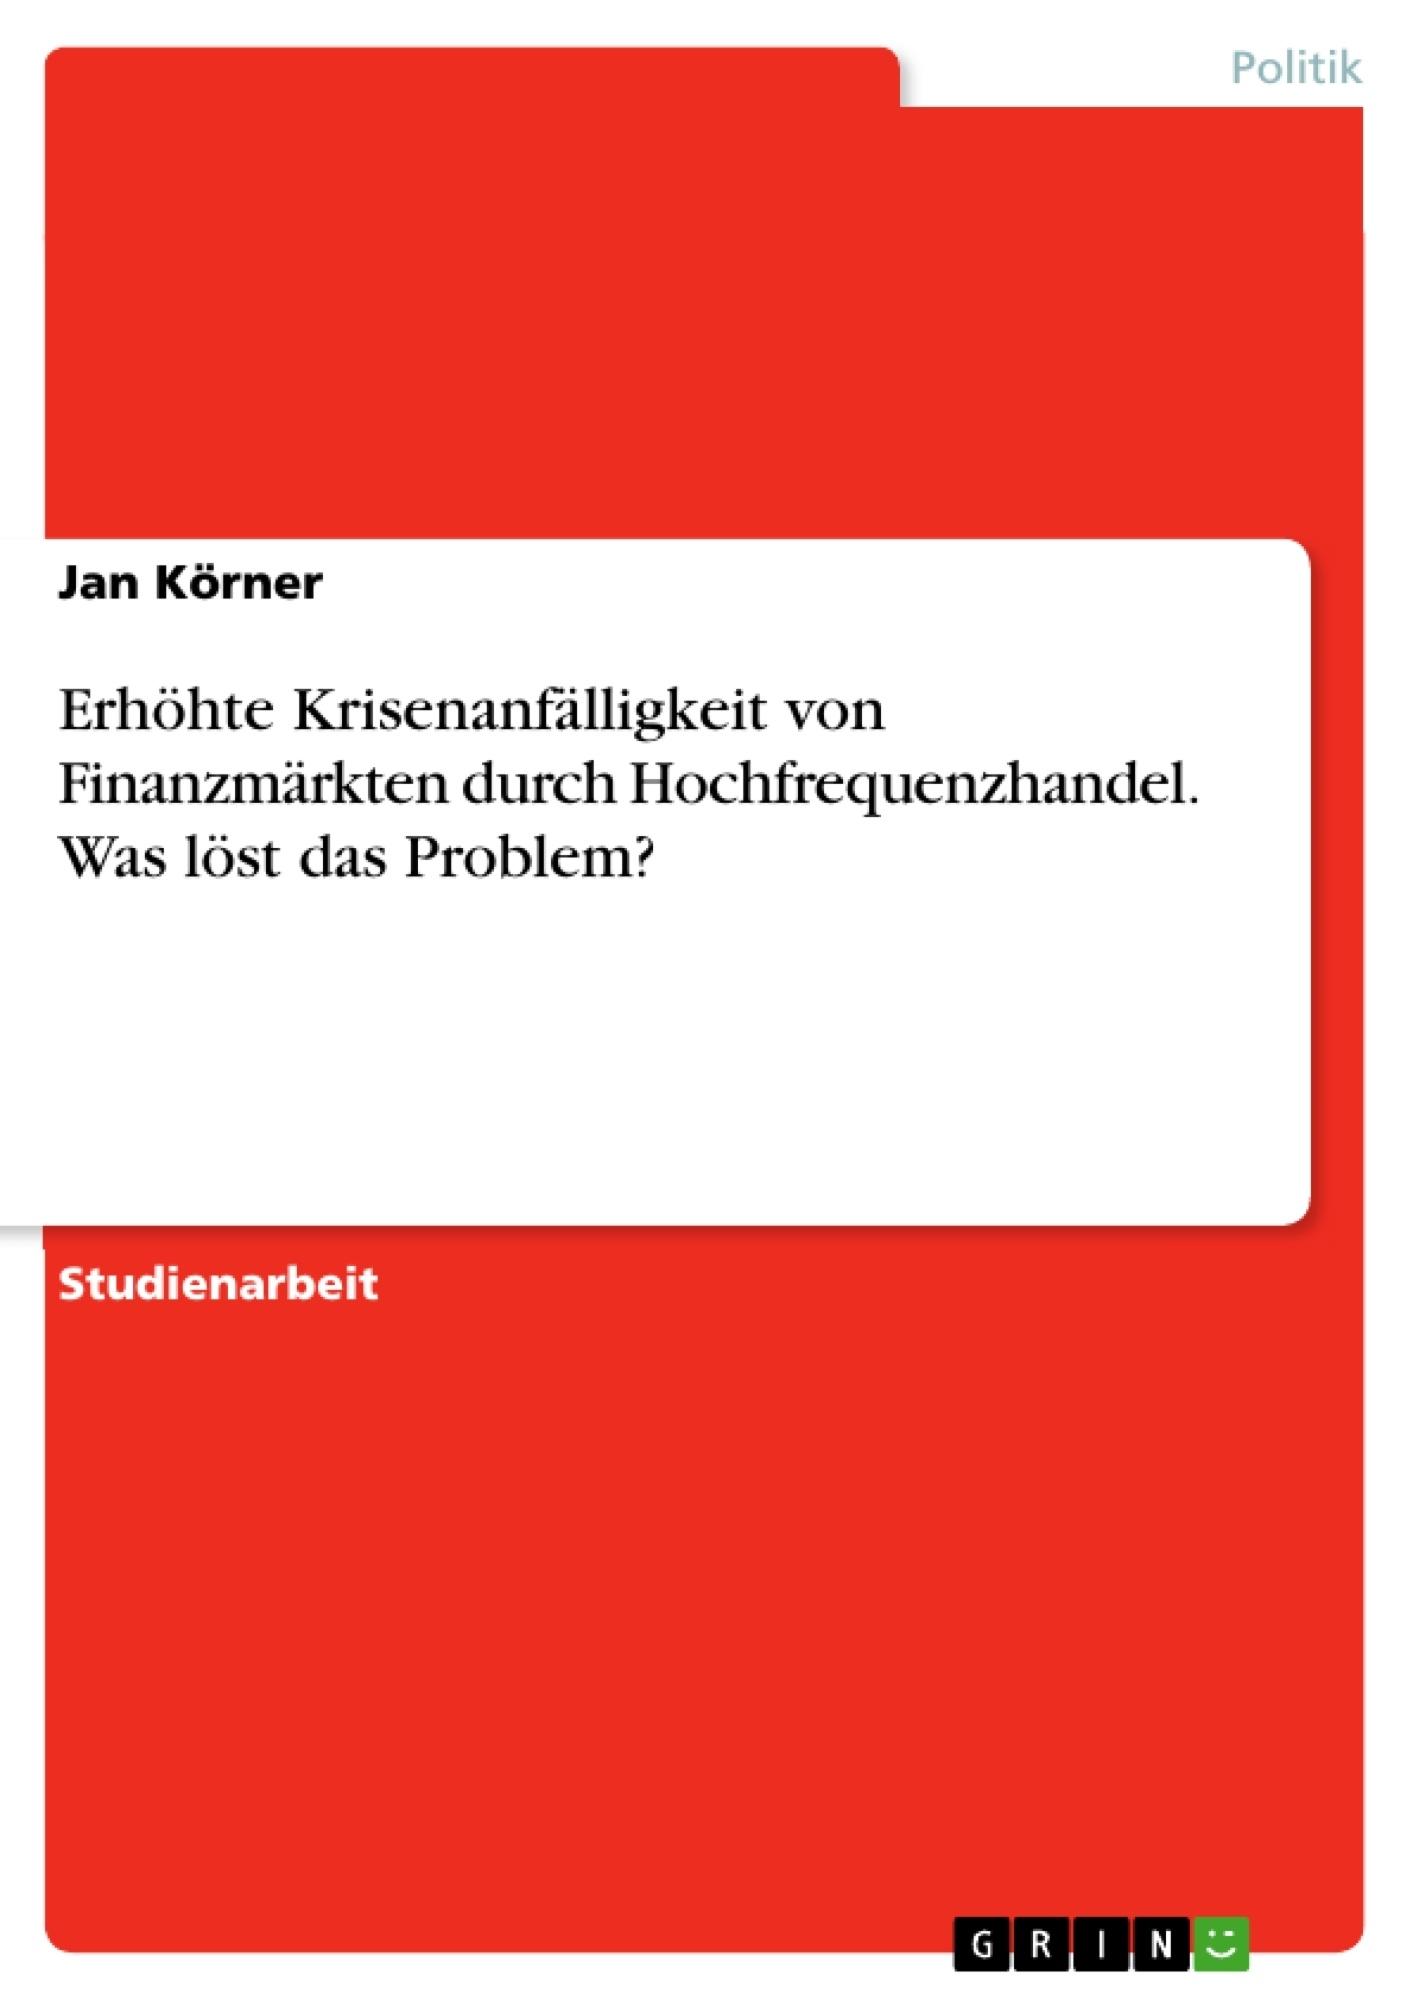 Titel: Erhöhte Krisenanfälligkeit von Finanzmärkten durch Hochfrequenzhandel. Was löst das Problem?